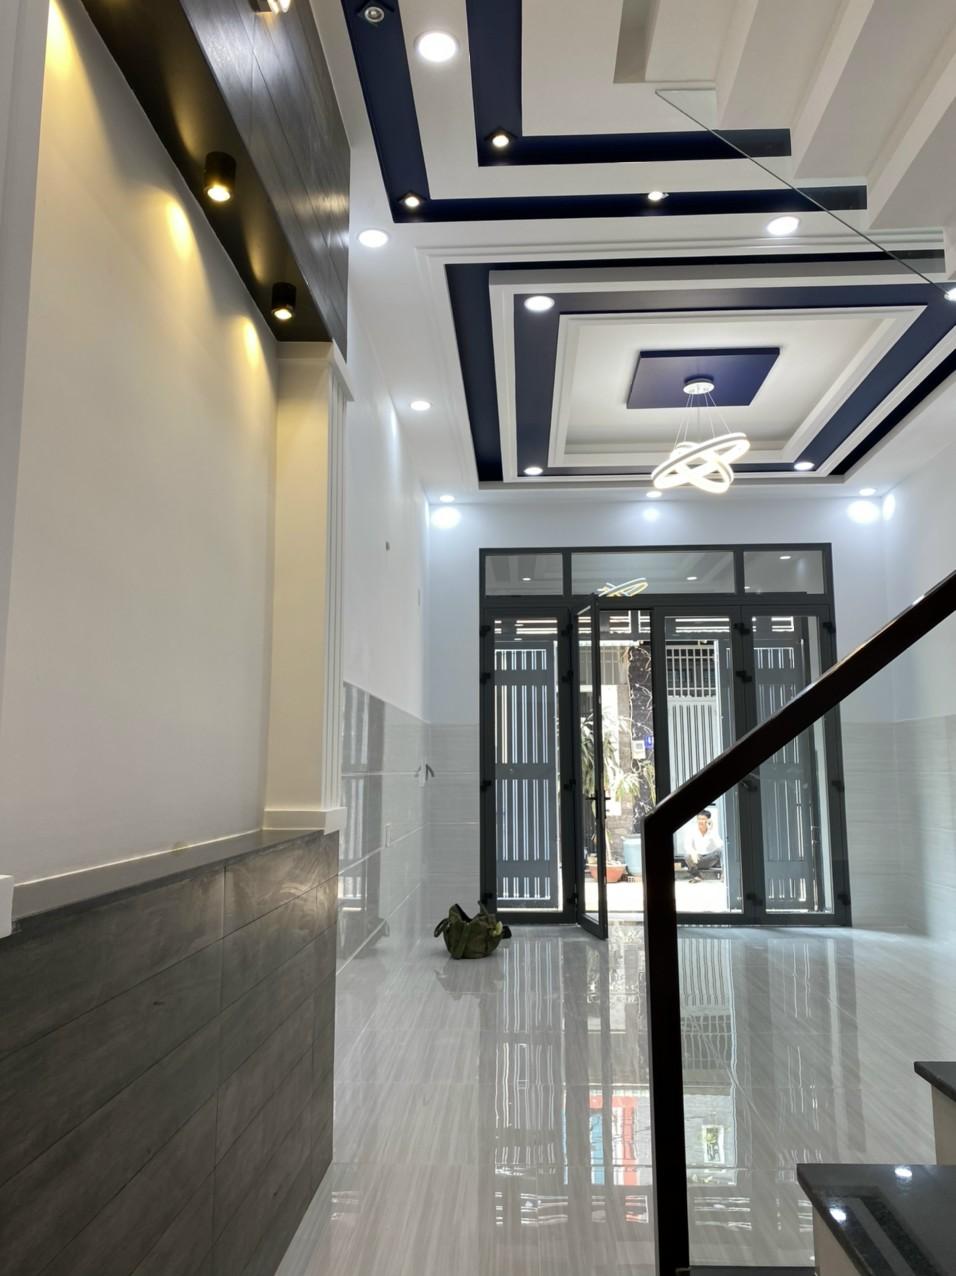 Bán nhà Đường số 5 Bình Hưng Hòa quận Bình Tân mới xây 4 tấm 4x12m